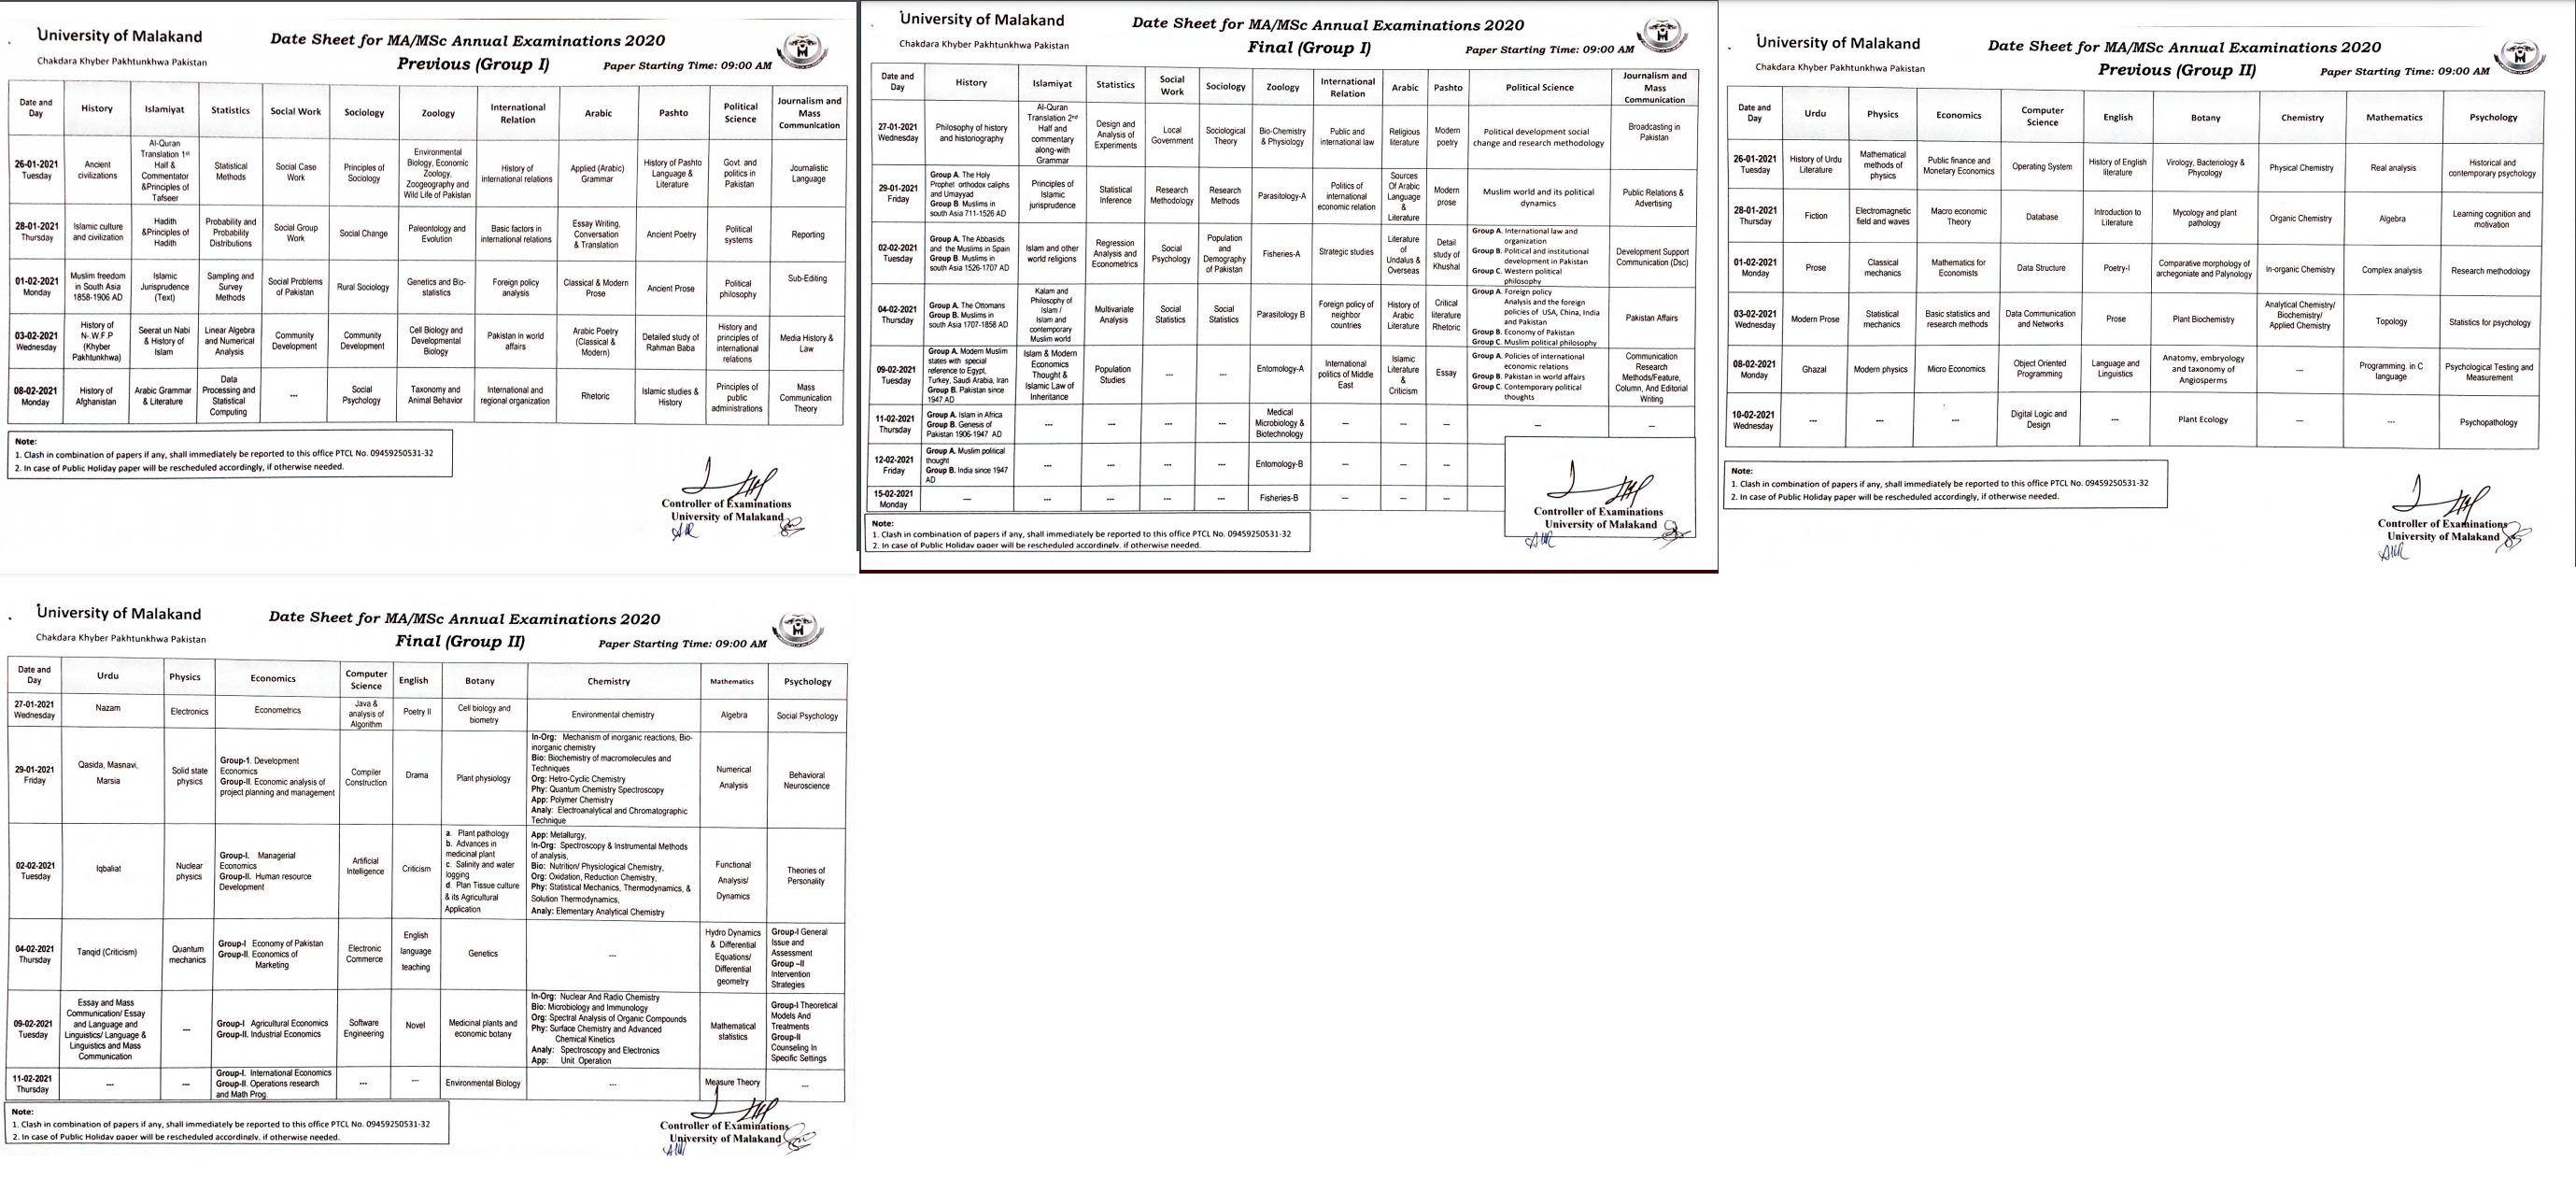 Date Sheet MA MSc University OF Malakand Annual 2020